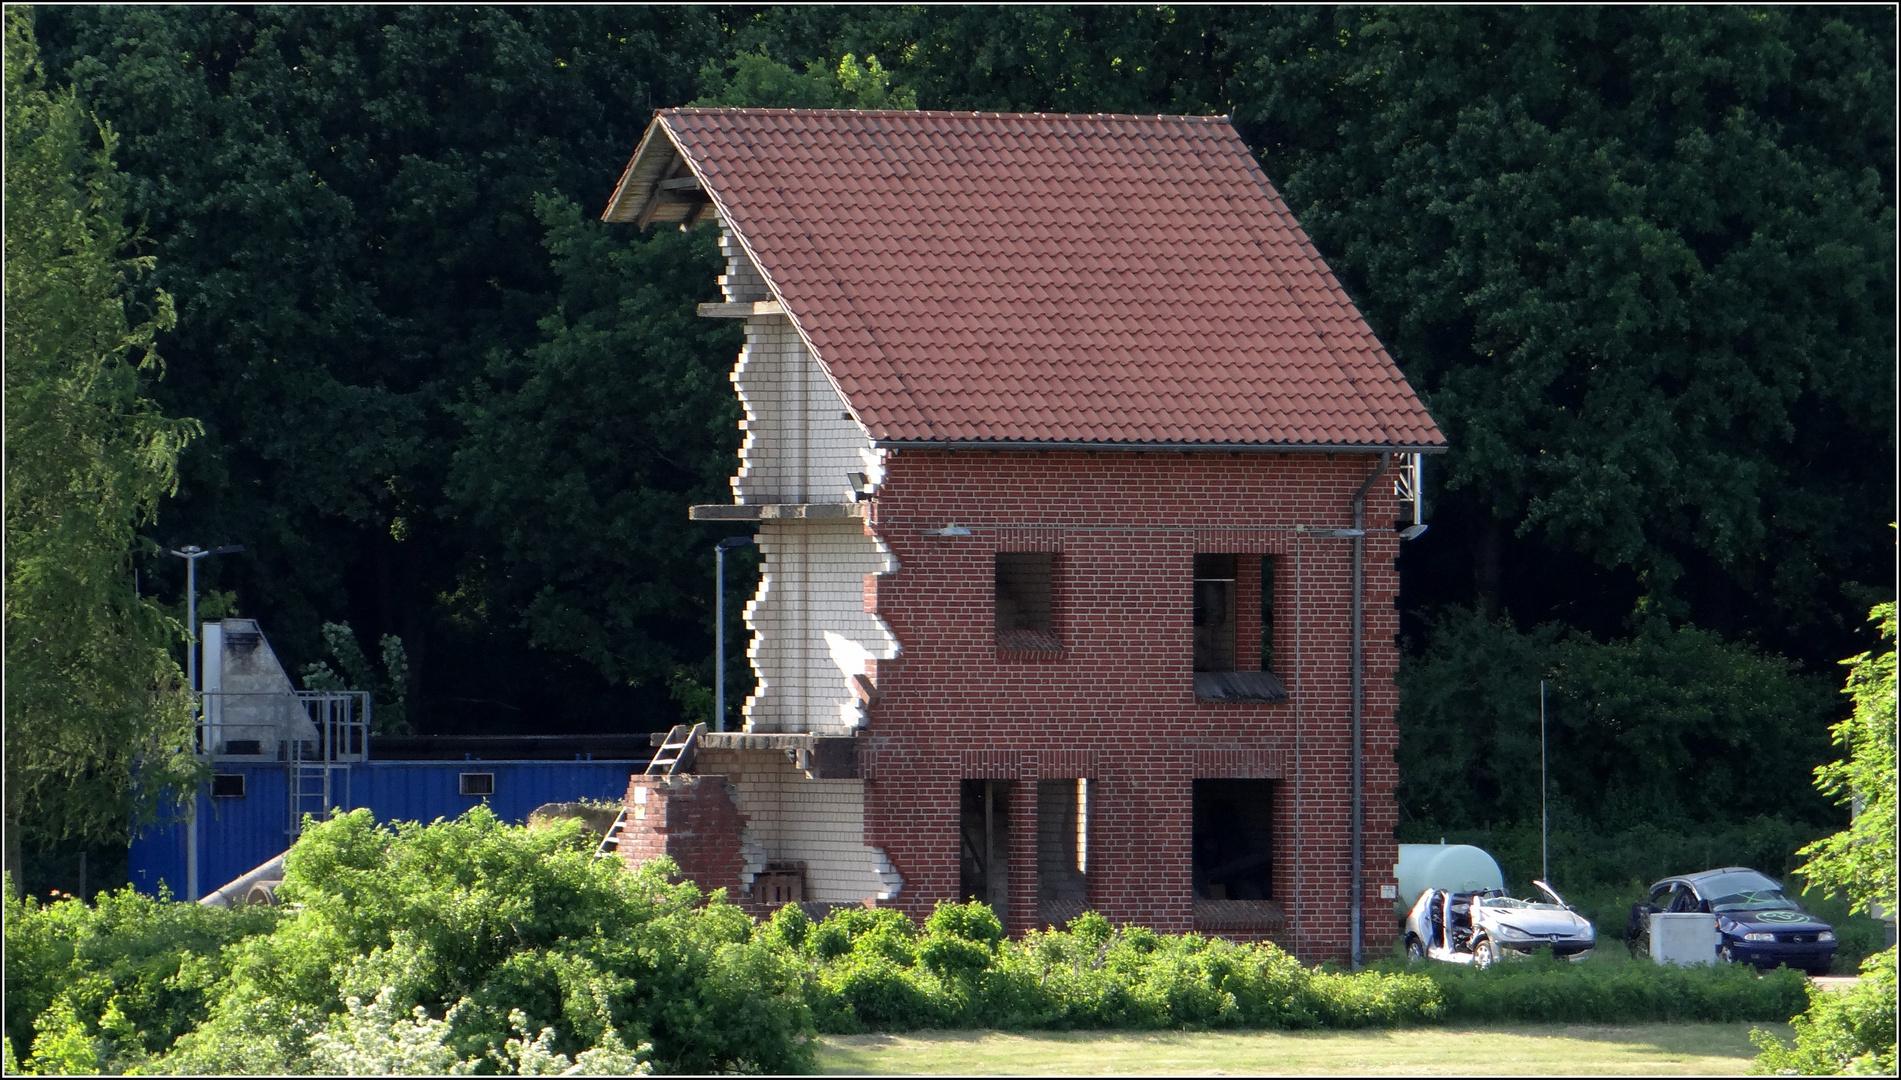 schöner Wohnen...oder auch das Ende einer guten Nachbarschaft